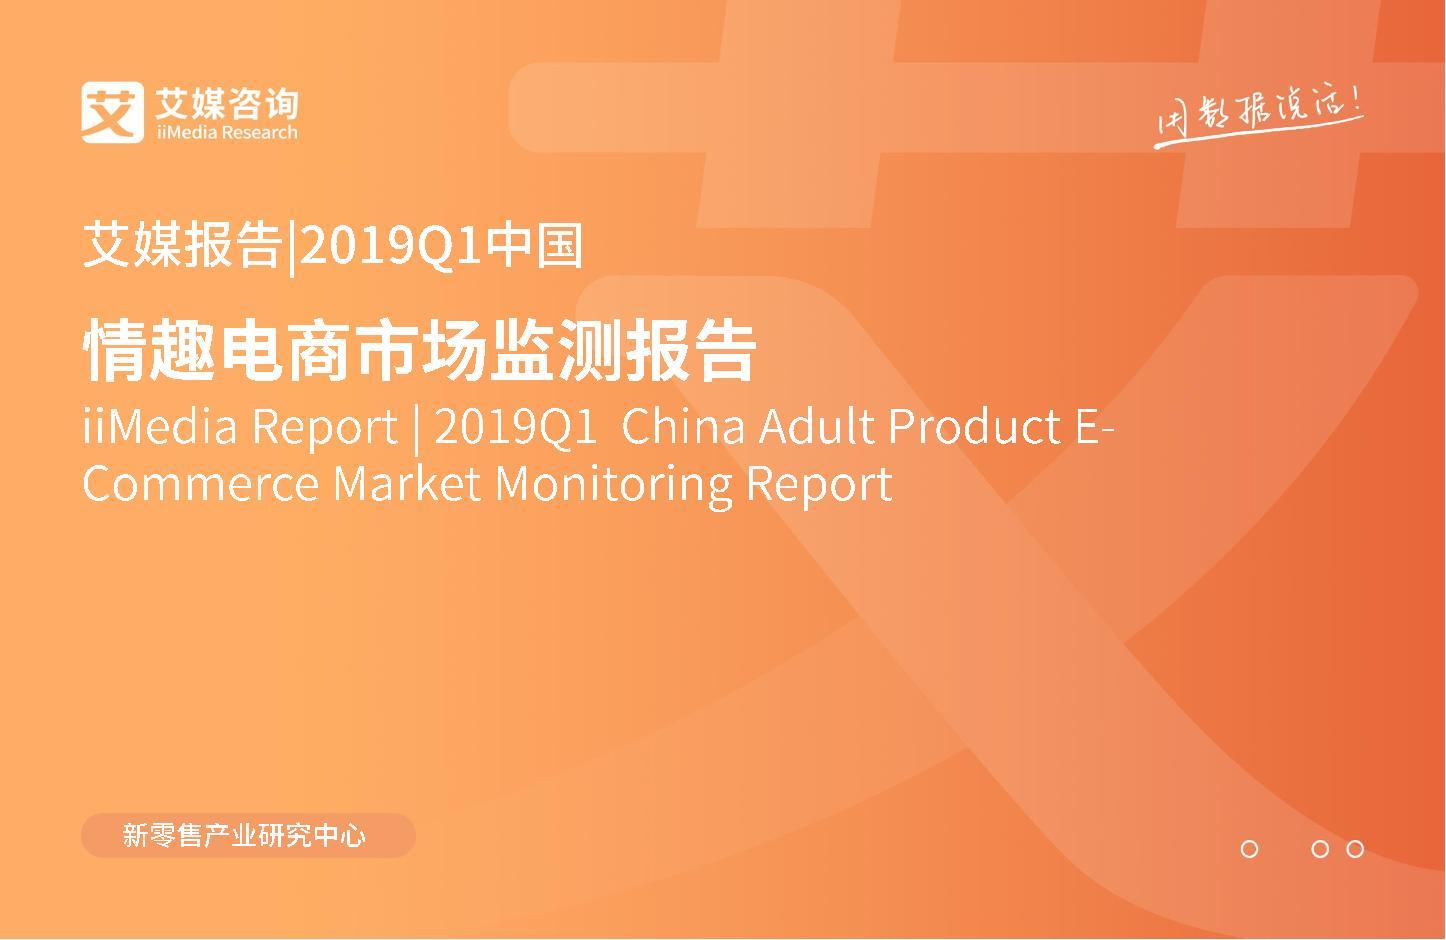 2019第一季度中国情趣电商市场监测报告